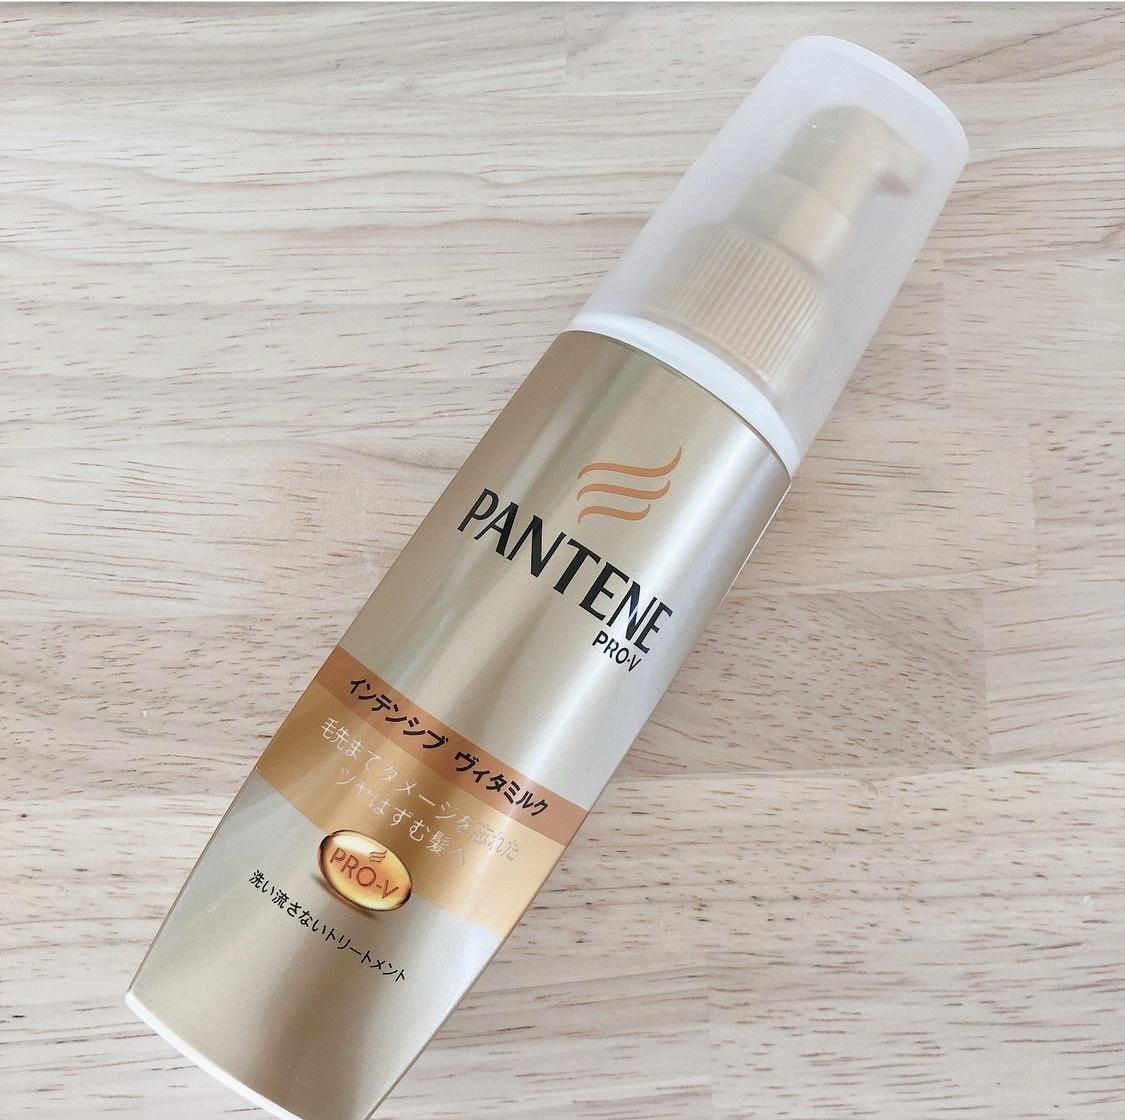 PANTENE(パンテーン) エクストラダメージケア インテンシブヴィタミルクを使ったみーさん¨̮⸝⋆さんのクチコミ画像1